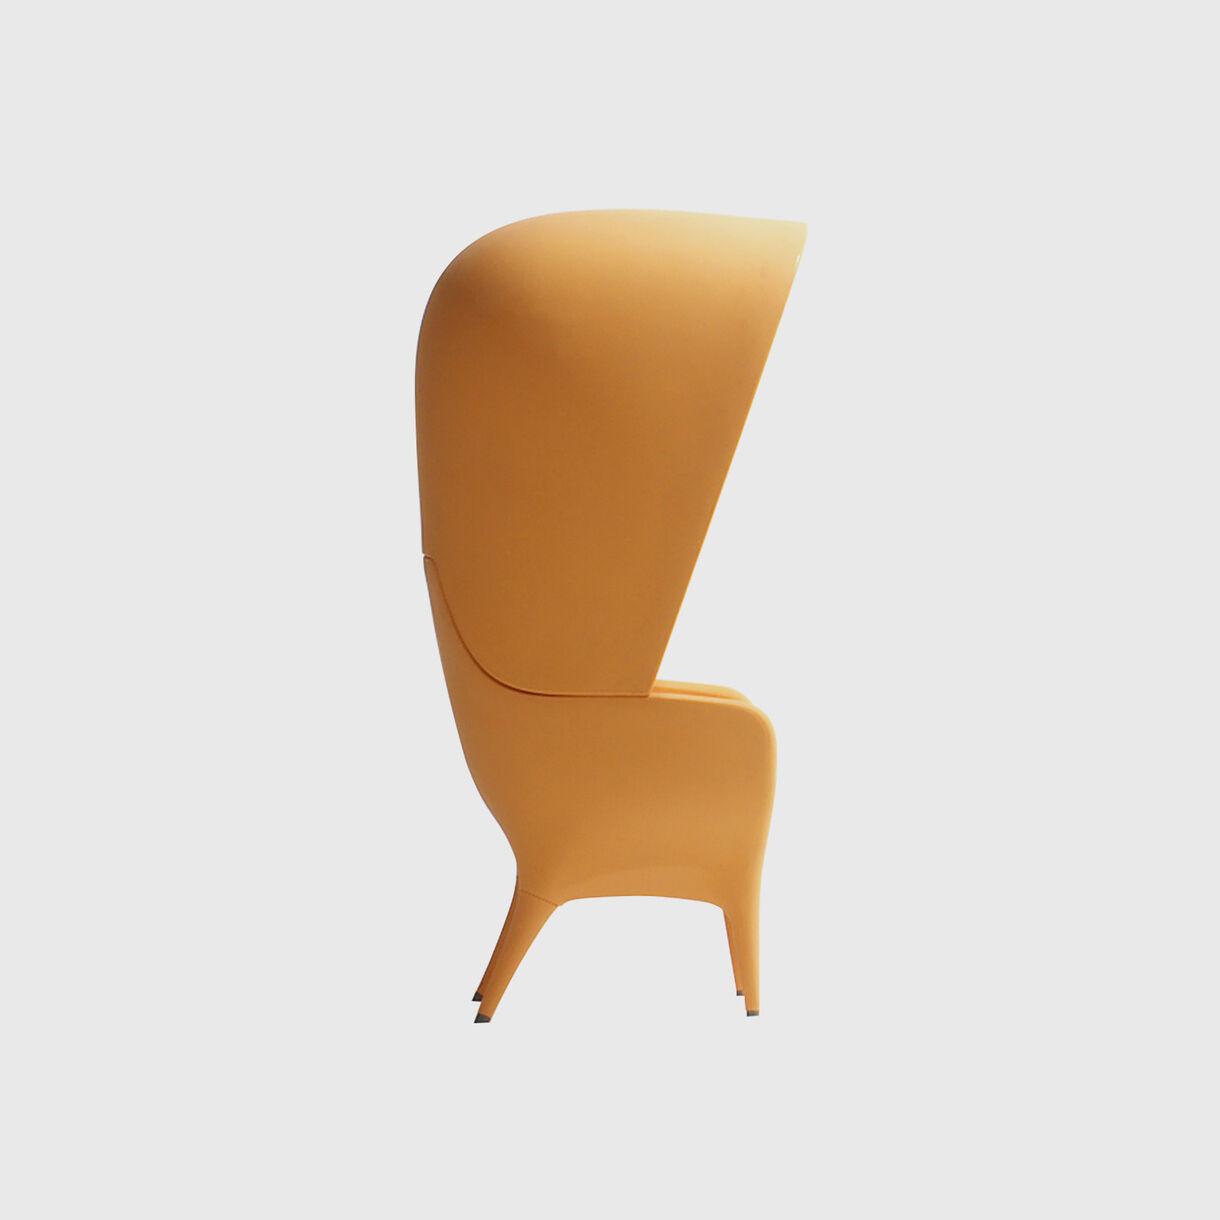 Showtime Poltrona Armchair, Outdoor, Yellow